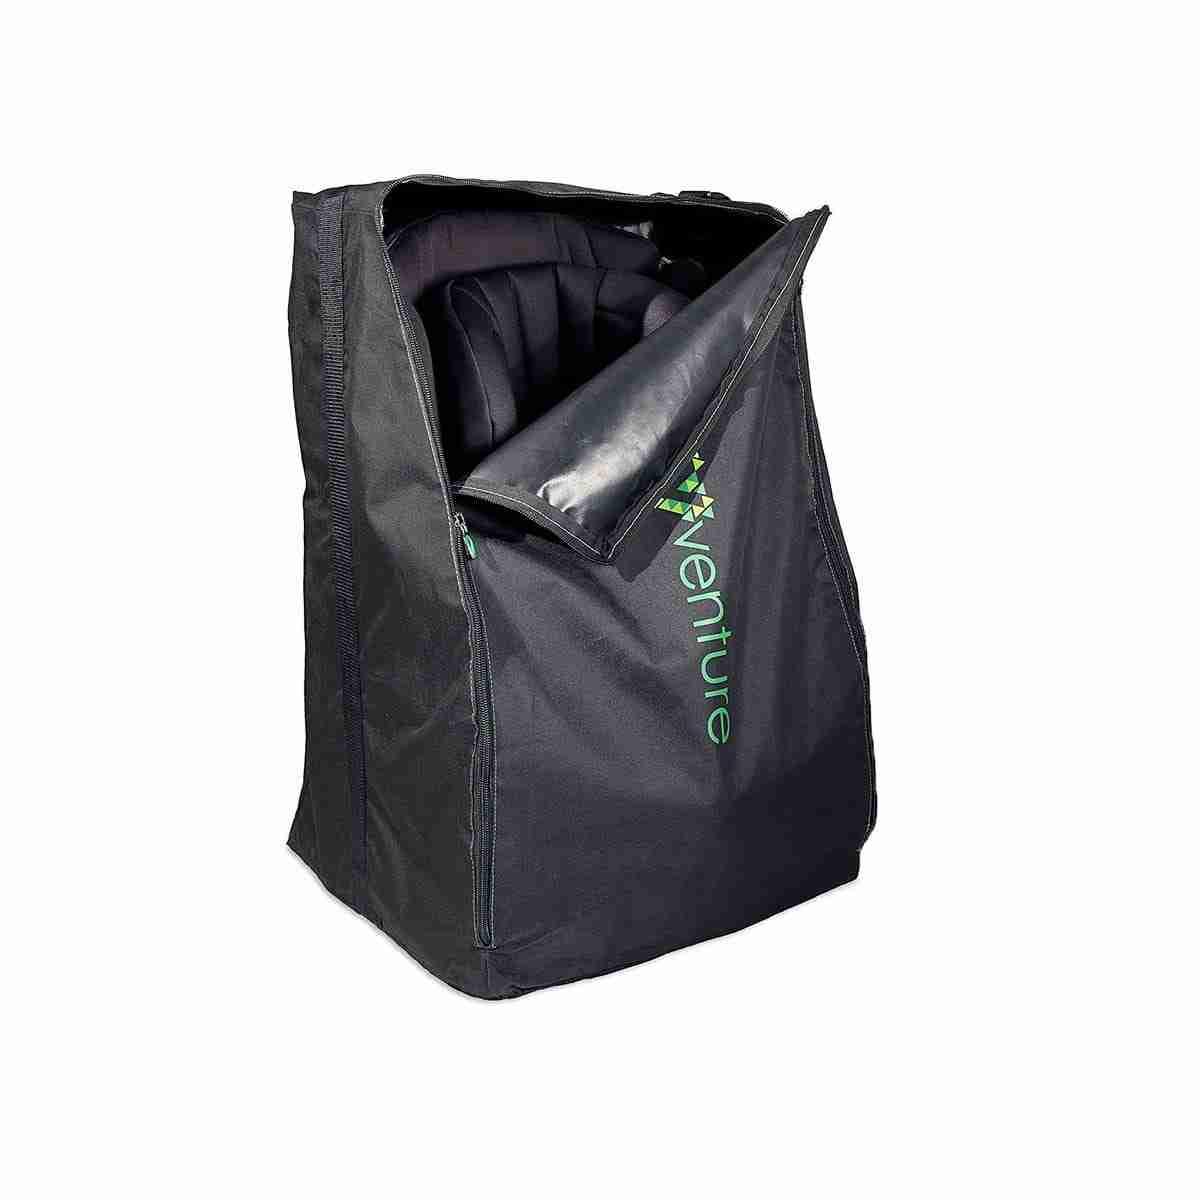 Venture Car Seat Protector Bag